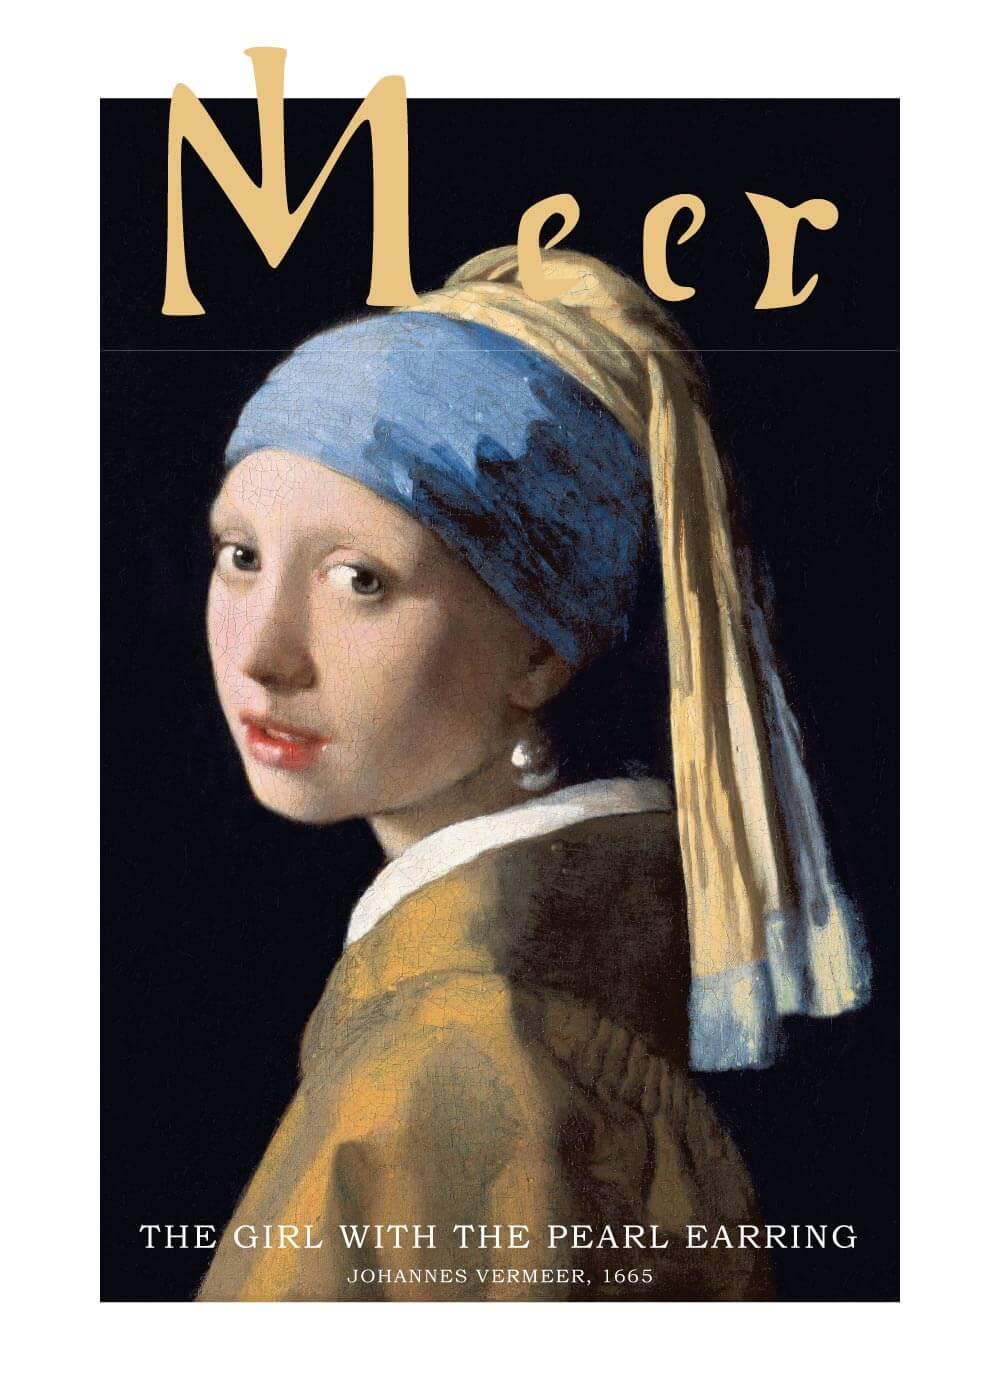 Billede af Girl with a Pearl Earring - Johannes Vermeer